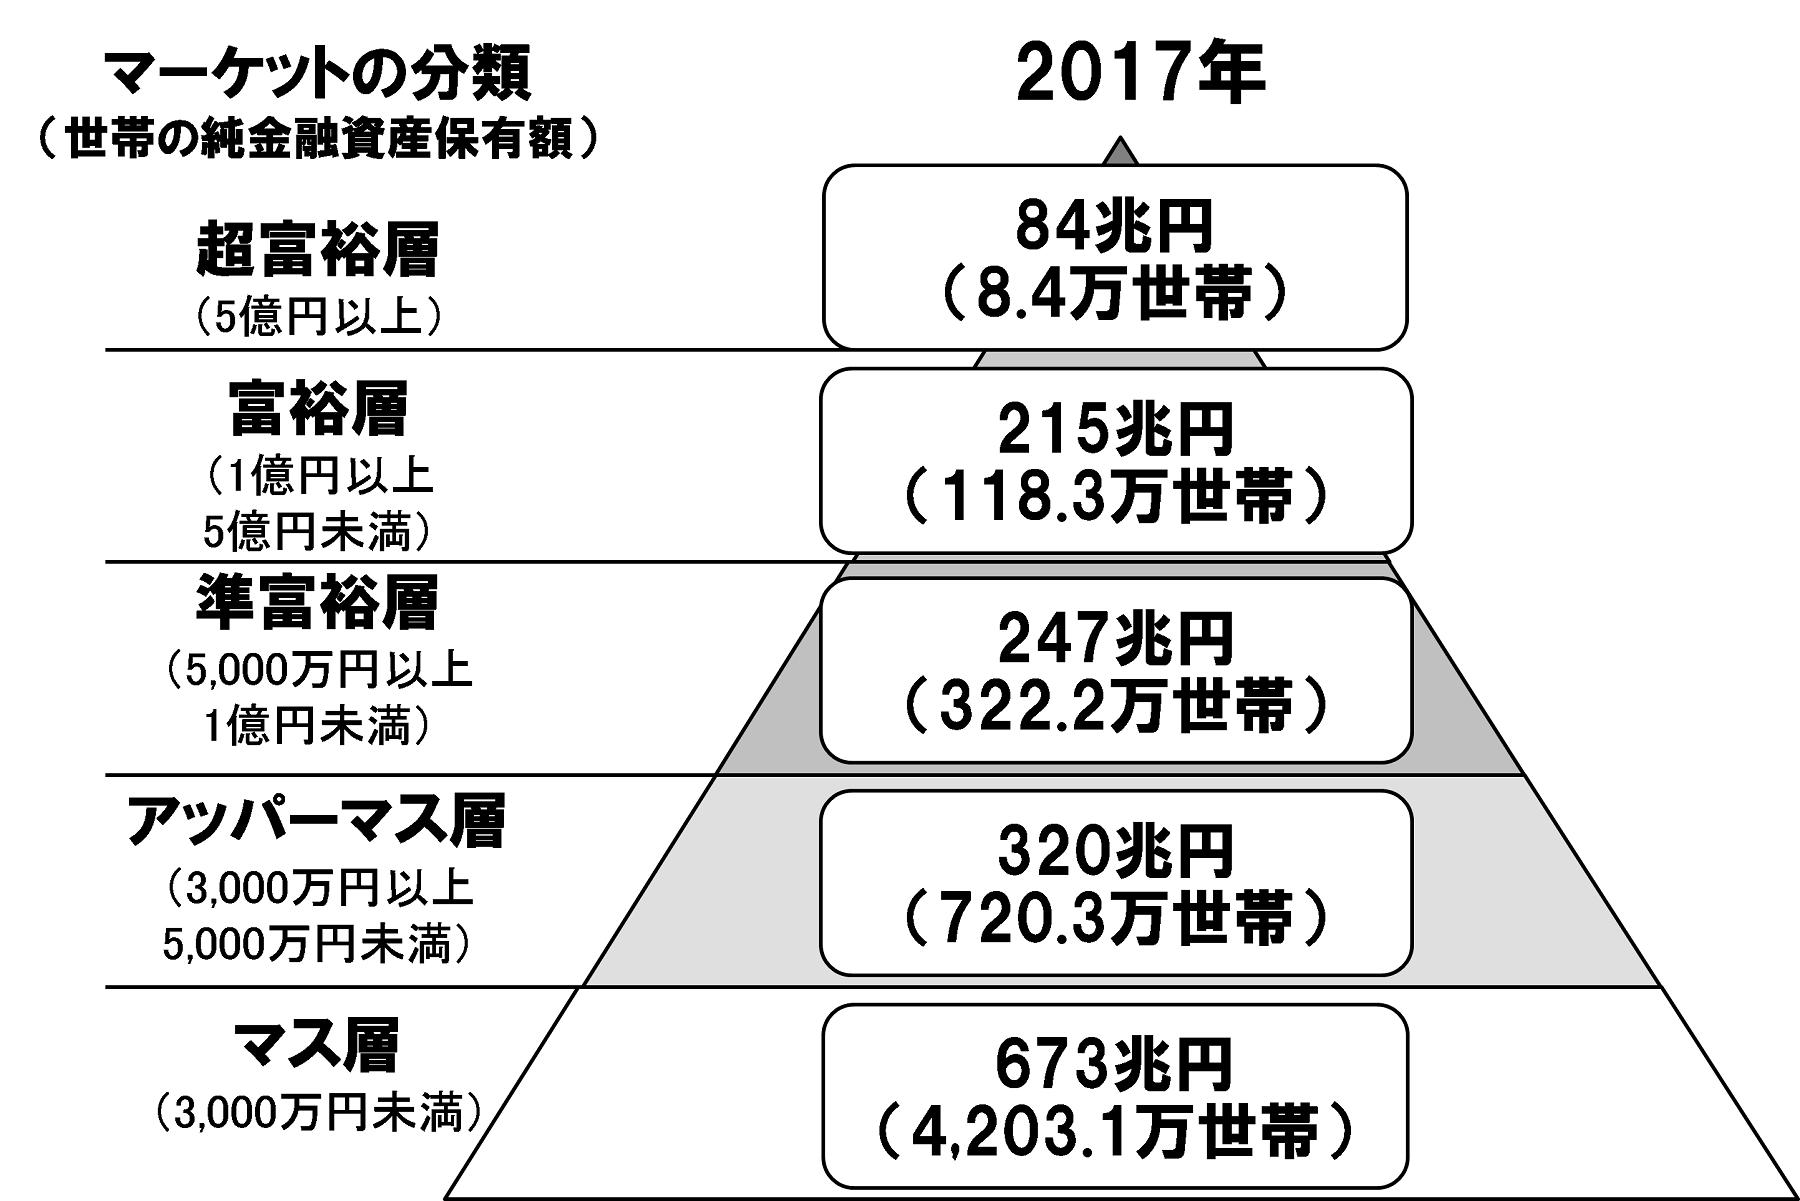 アッパーマス層の図